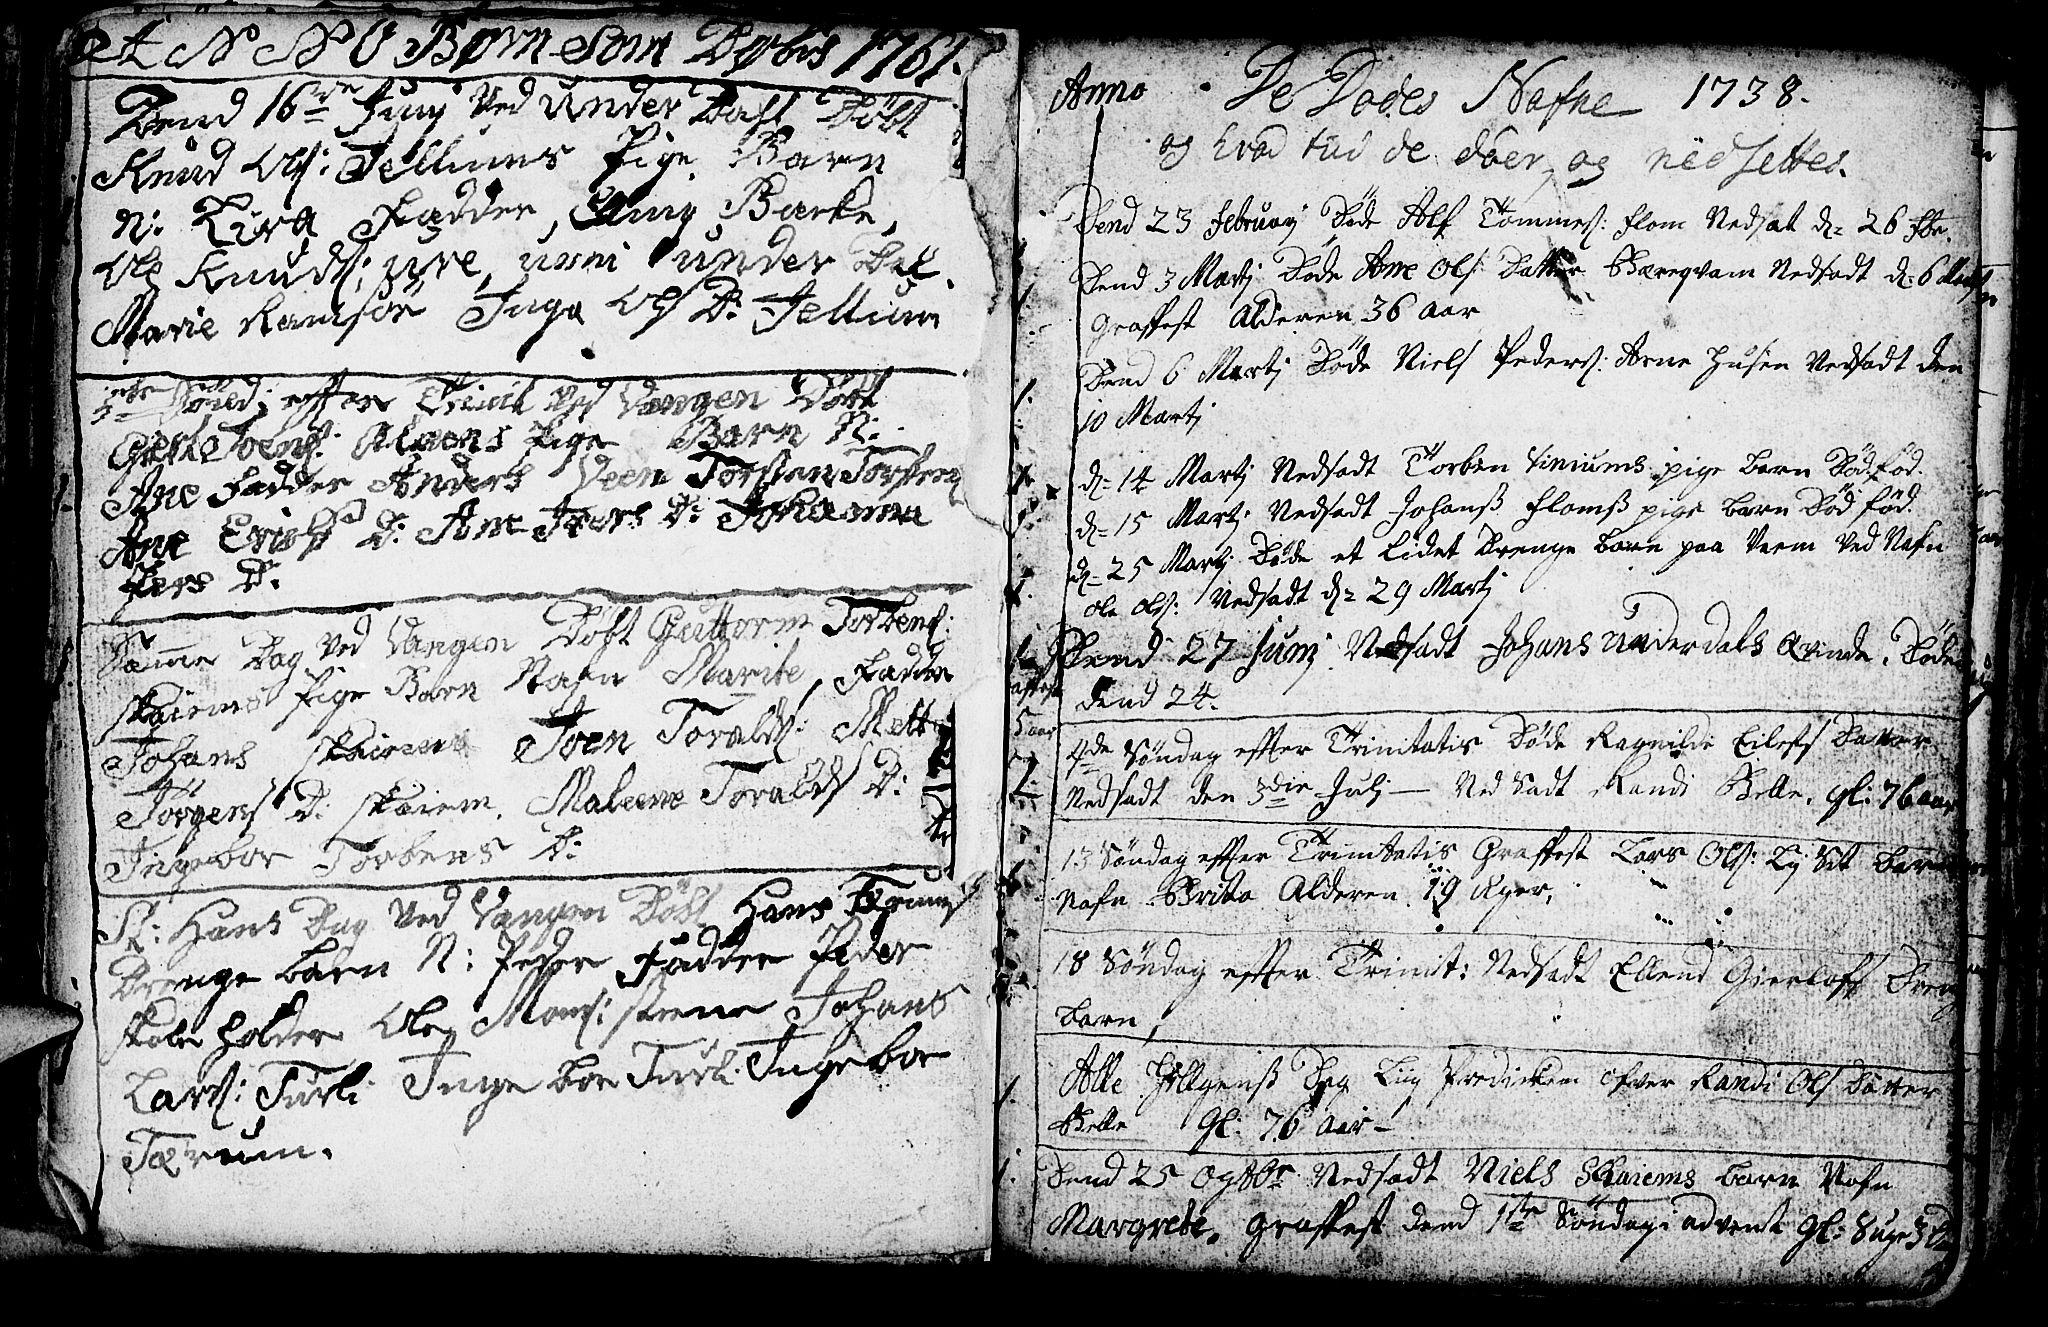 SAB, Aurland Sokneprestembete*, Ministerialbok nr. A 3, 1735-1761, s. 109